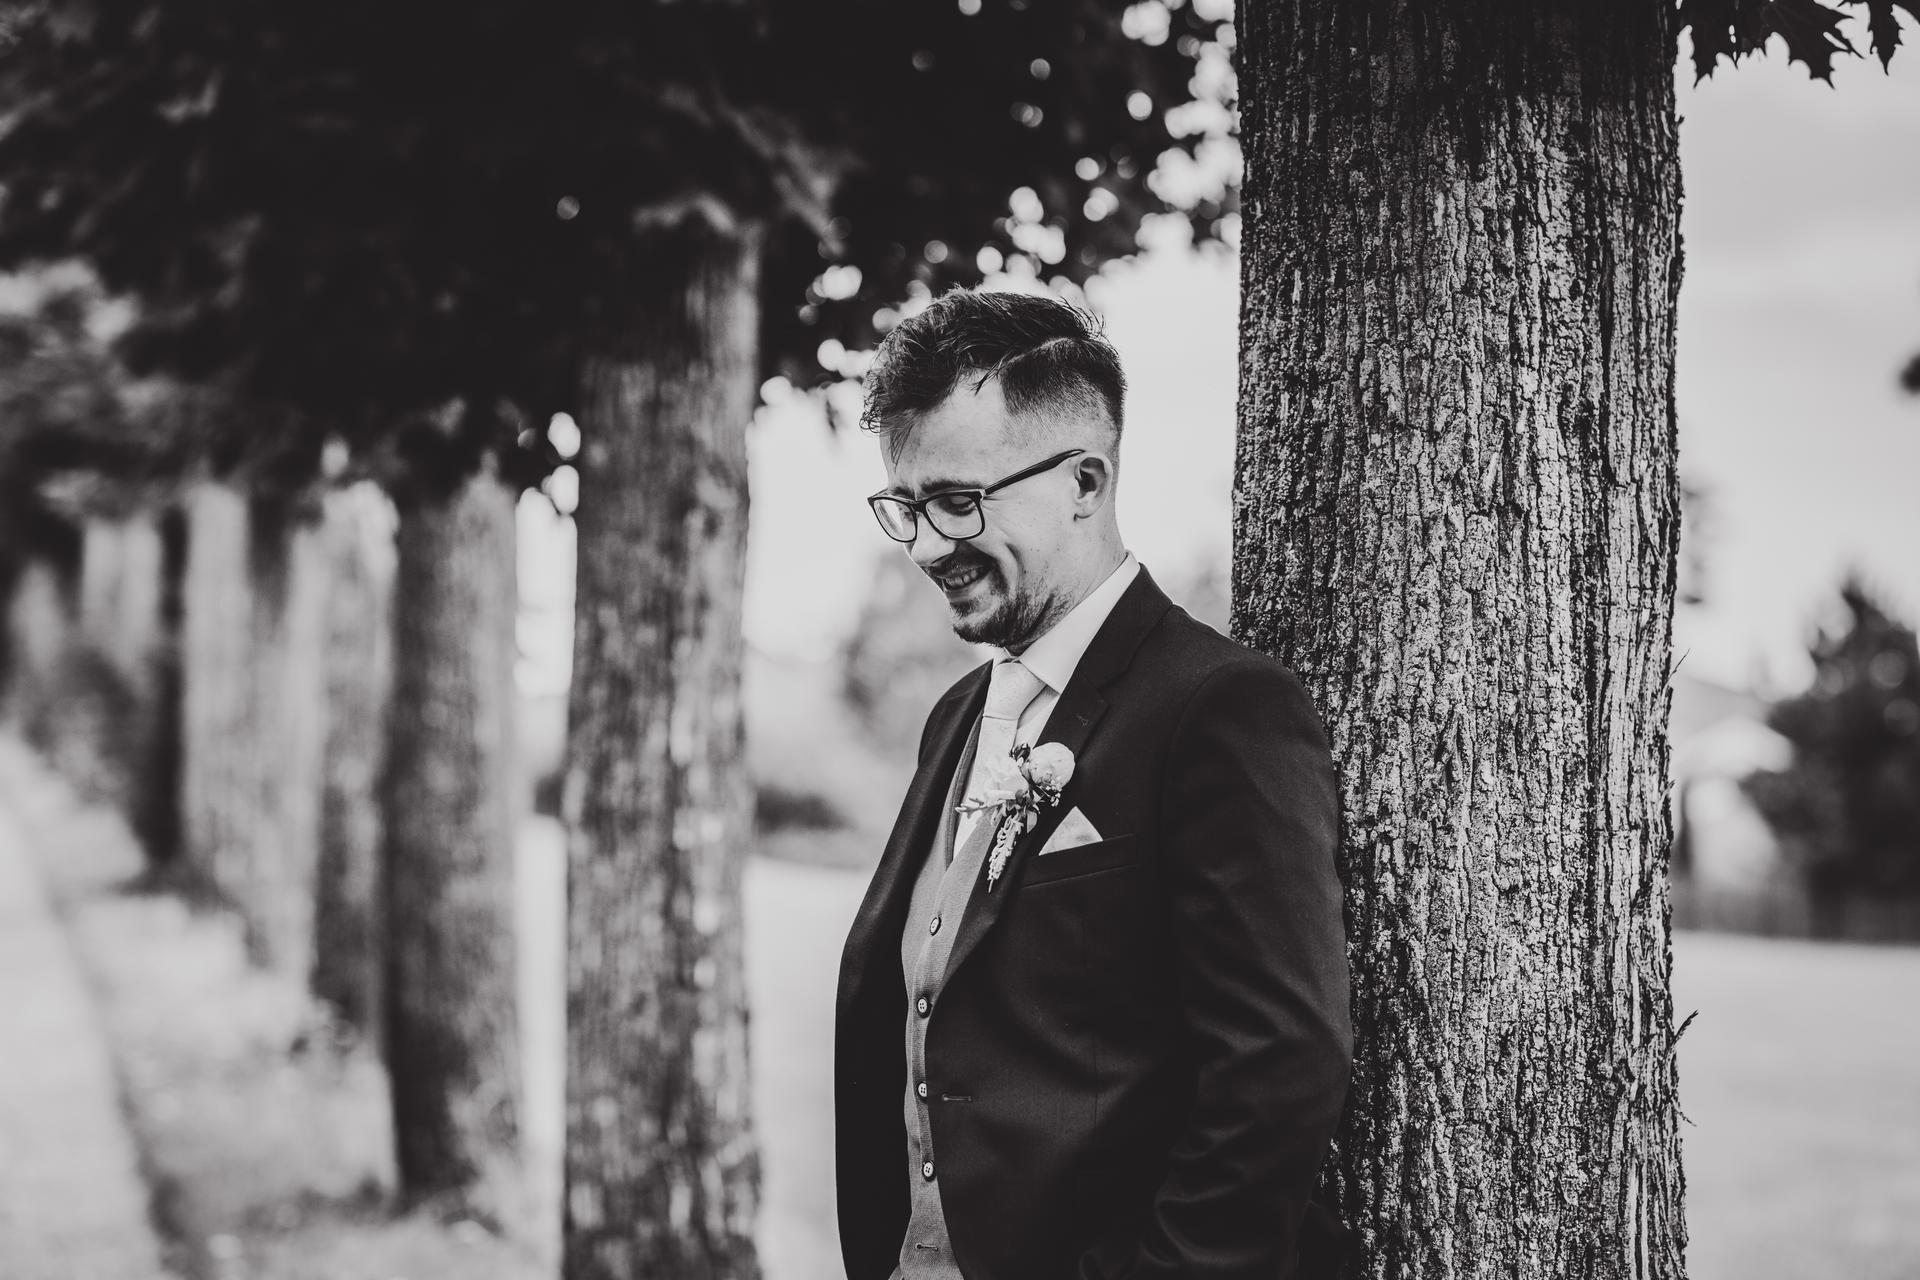 Jsem svatební fotografka a nabízím VOLNÉ termíny 2021! Koukněte na mou práci: https://www.michaelabalazova.cz/svatebni-fotografie/ - Obrázek č. 3